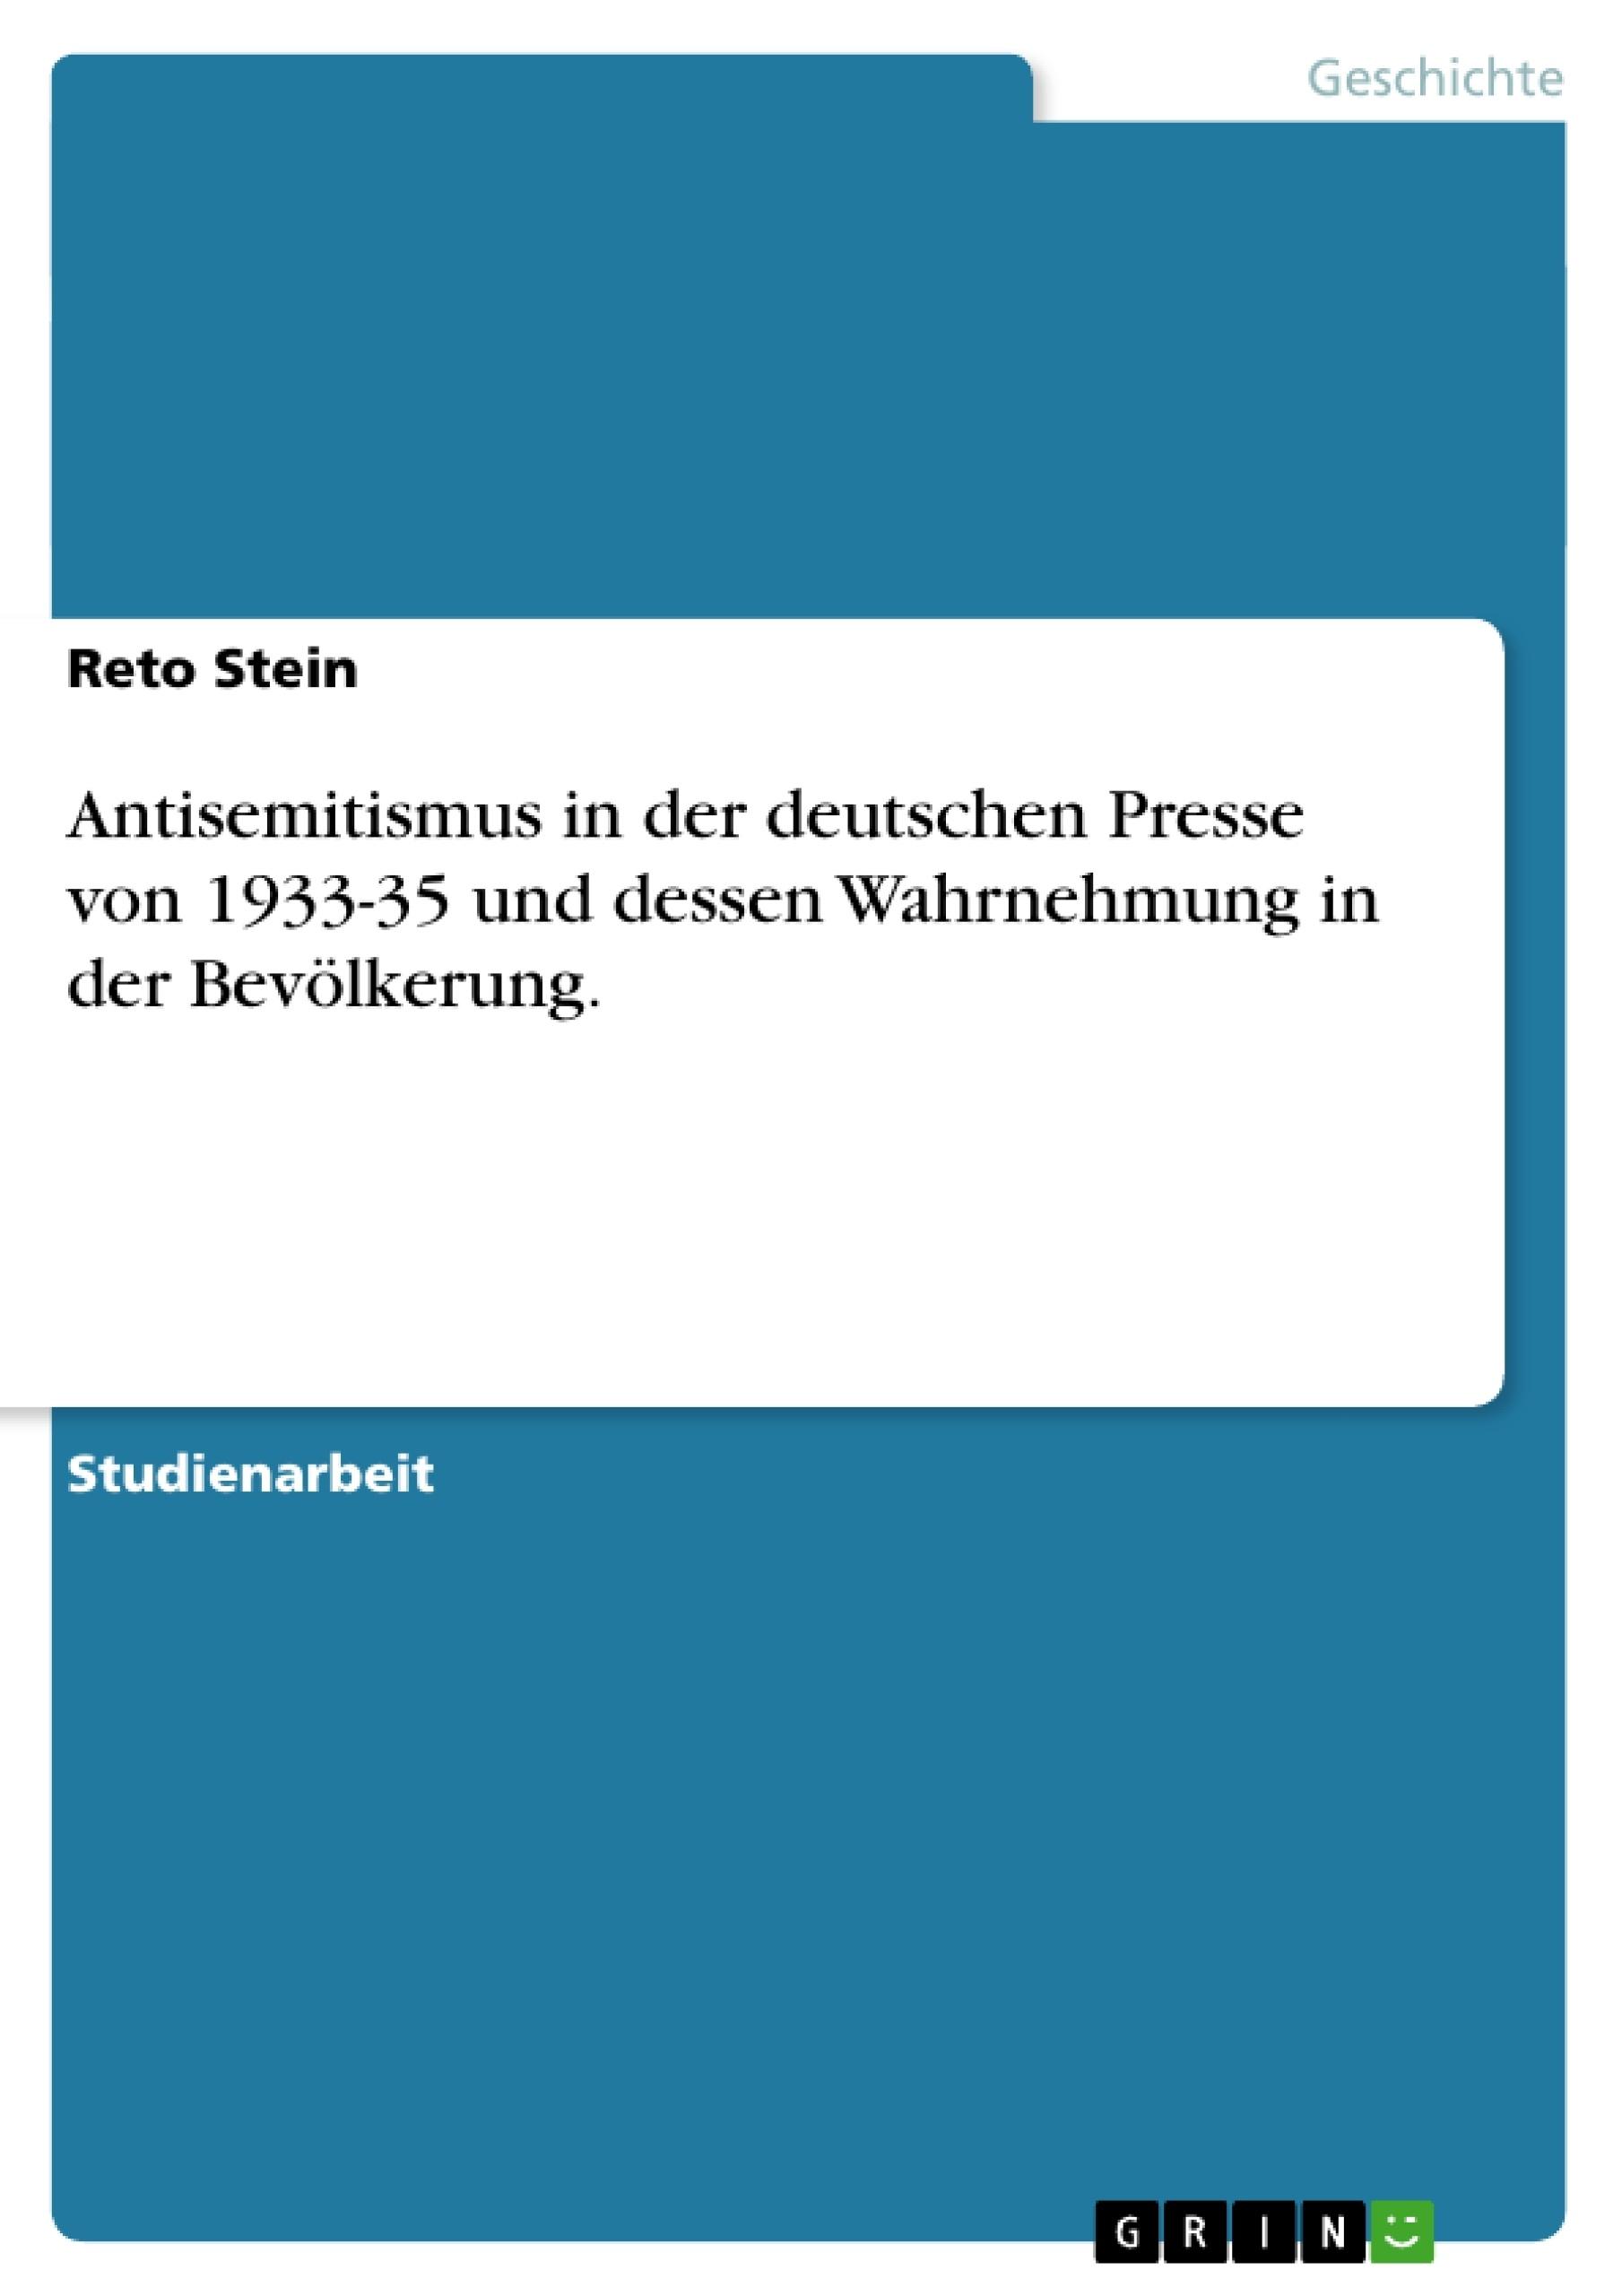 Titel: Antisemitismus in der deutschen Presse von 1933-35 und dessen Wahrnehmung in der Bevölkerung.